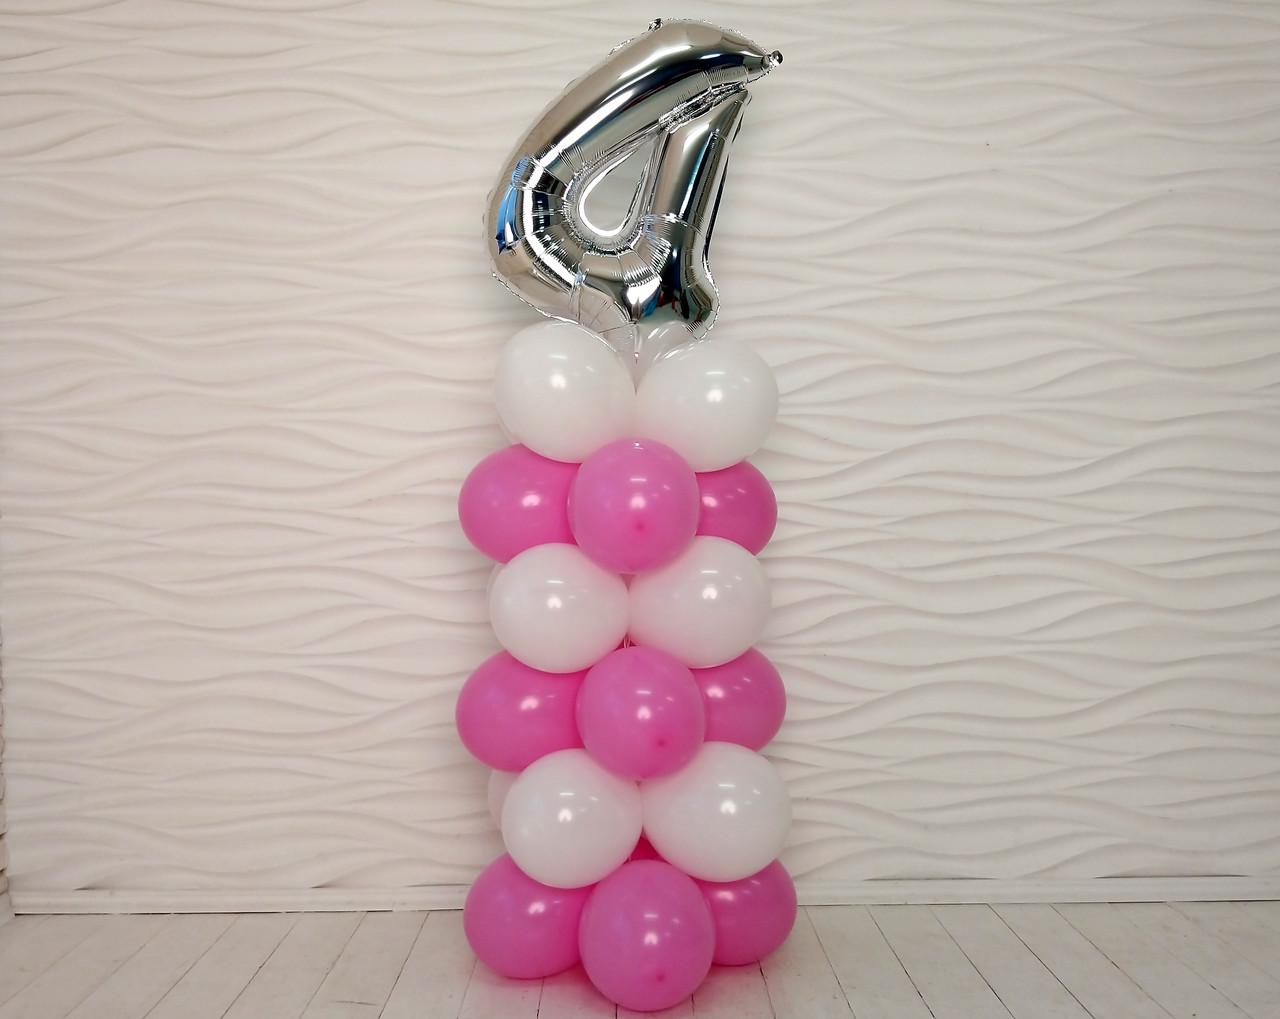 """Композиция с воздушных шариков """"Стойка с цифрой """"4"""" (бело-розовая)"""